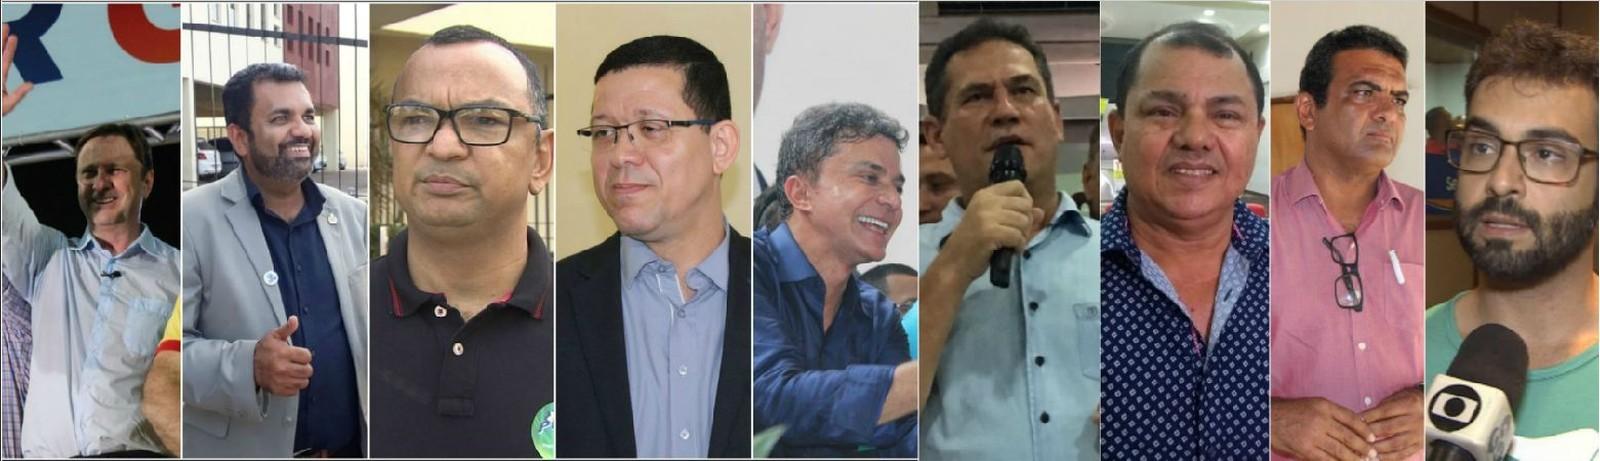 Veja os patrimônios que os candidatos a governo de Rondônia declararam ao TSE - Radio Evangelho Gospel